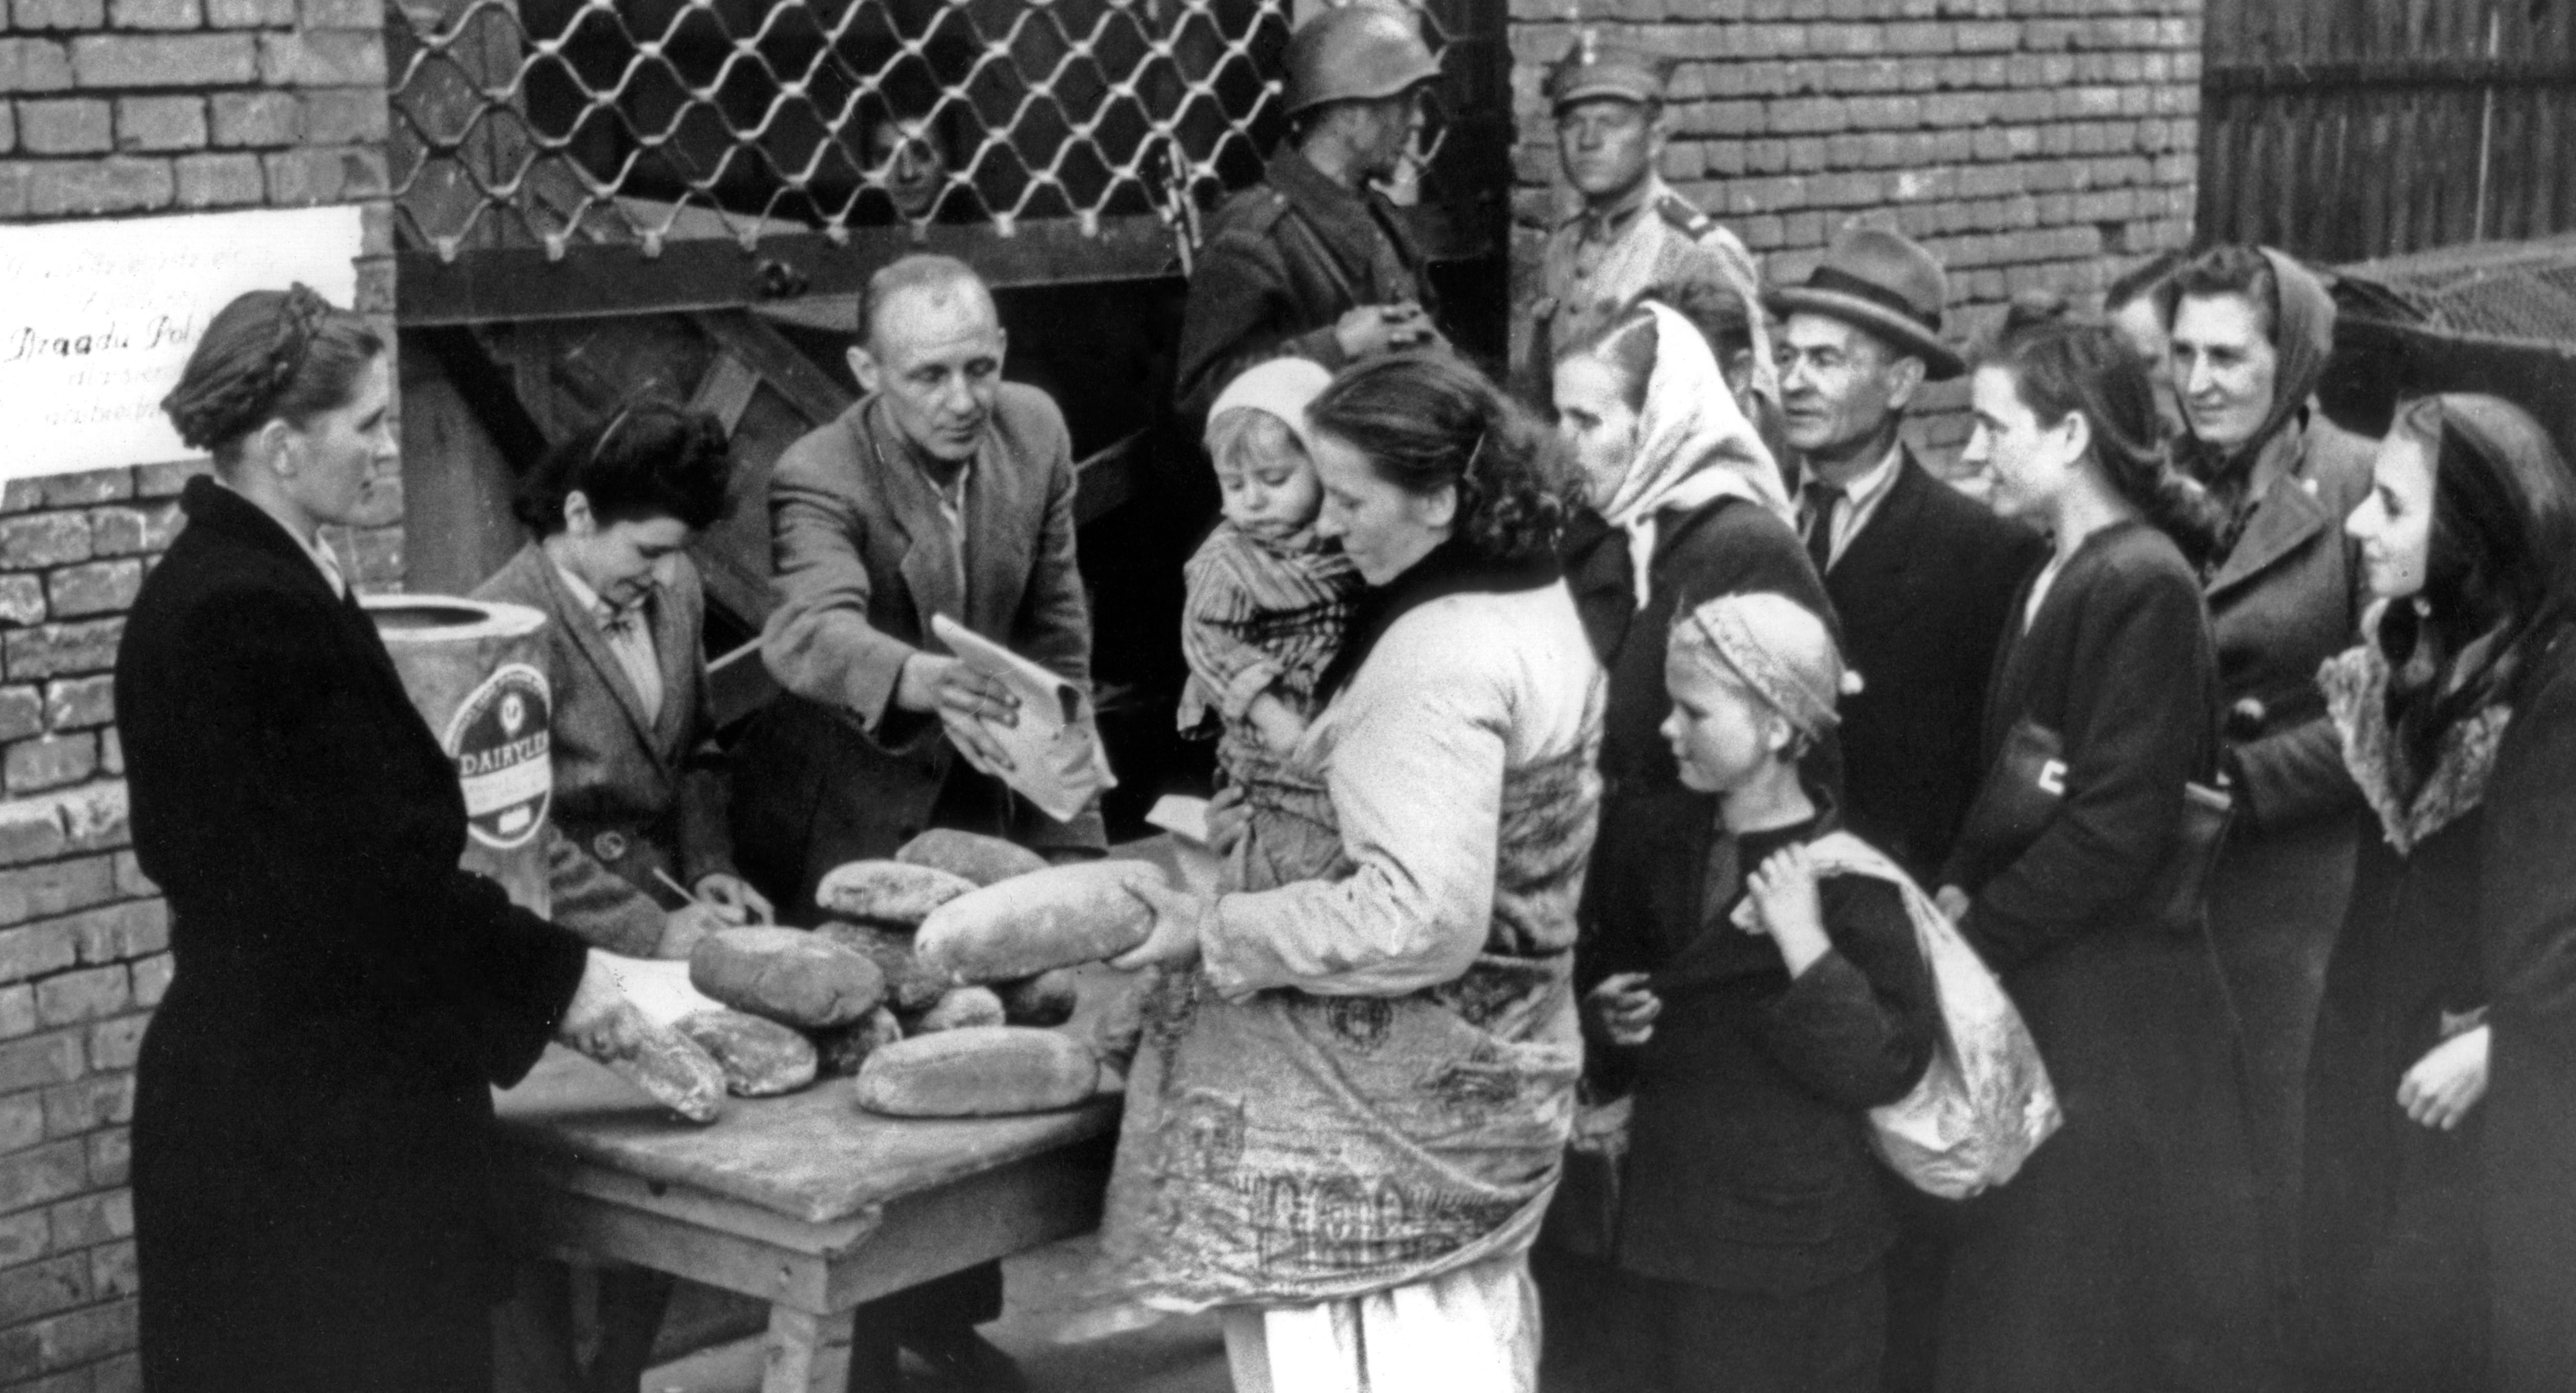 Жители Варшавы получают хлеб после завершения восстания, 17 октября 1944 год